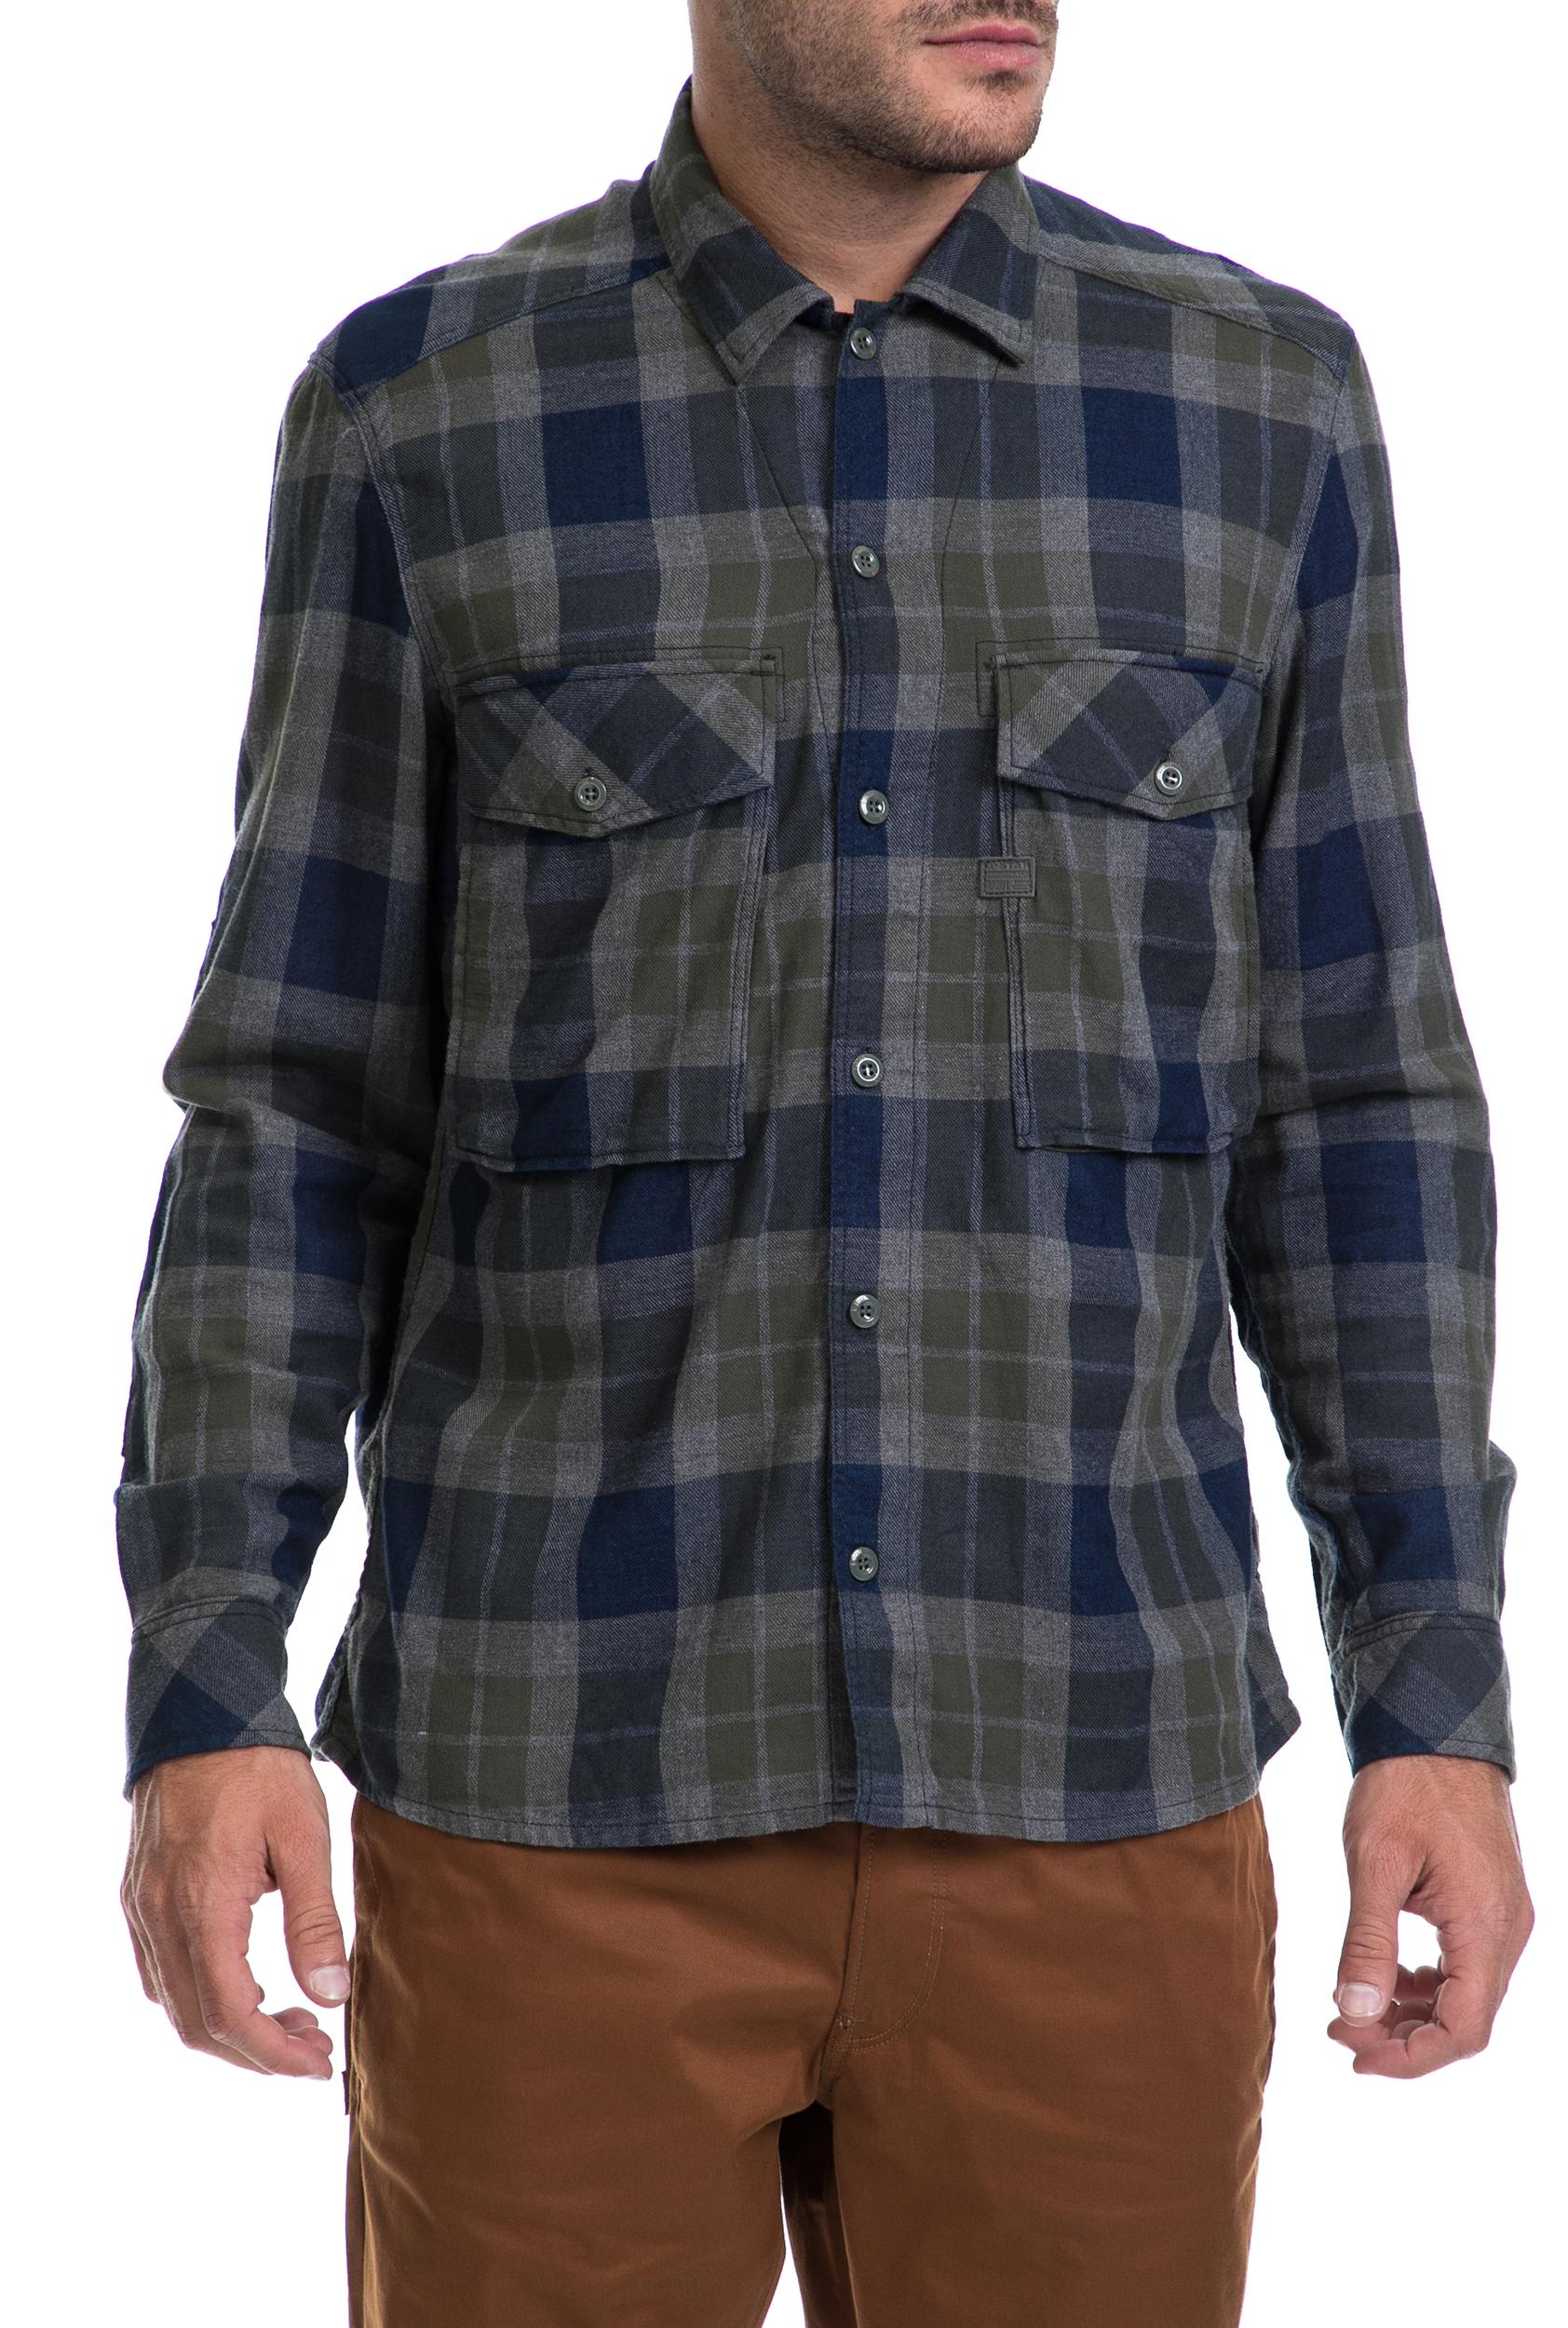 68586f506c38 Ανδρικό βαμβακερό πουκάμισο με καρό μοτίβα στις αποχρώσεις του μπλε και του  χακί